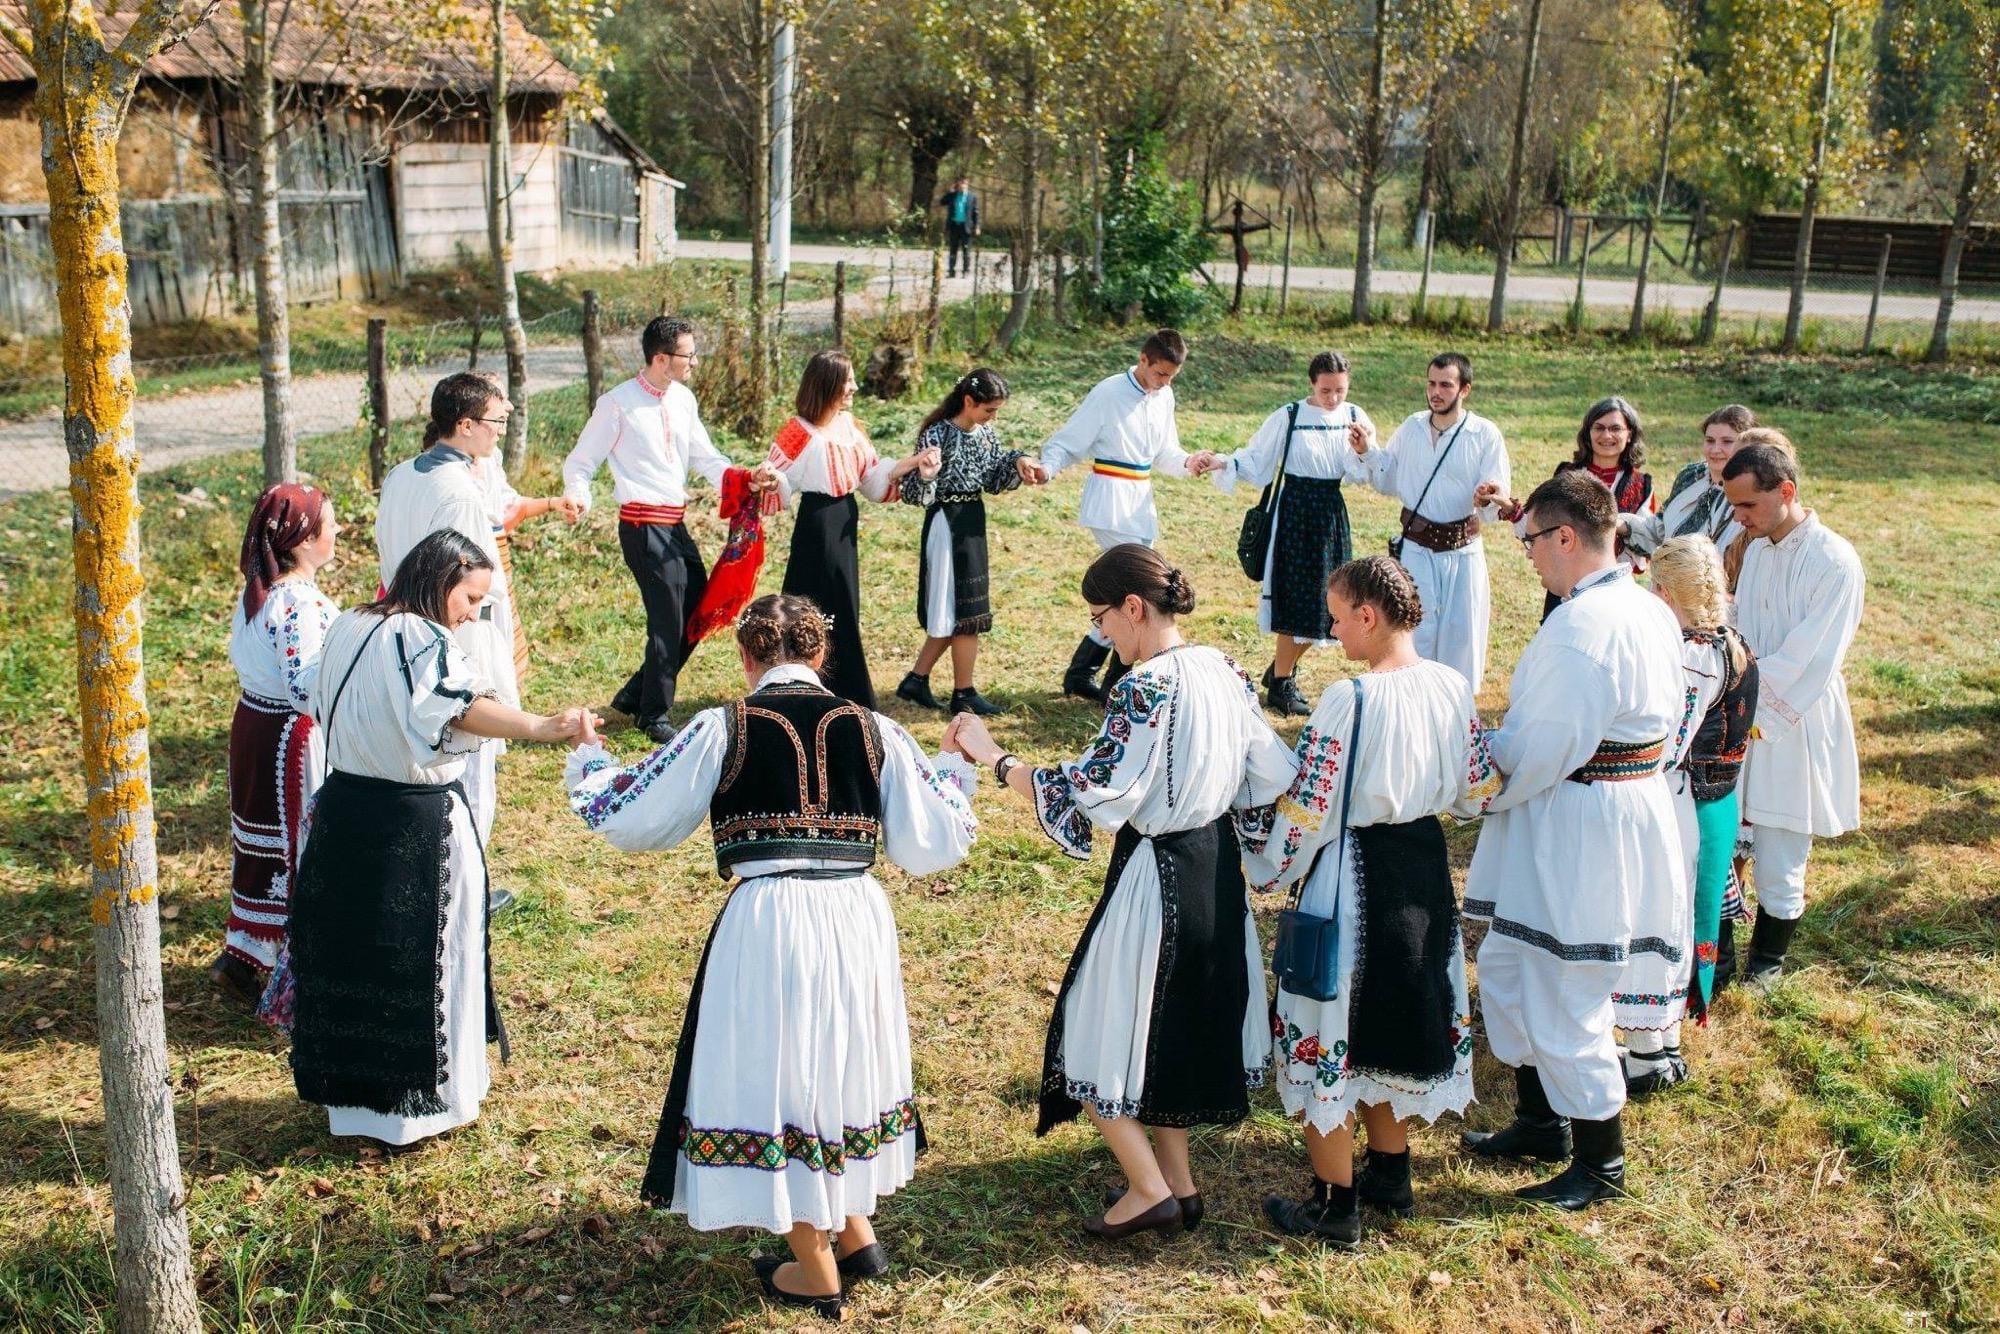 Povești Nunți Tradiționale - Andreea și Sergiu. Nuntă tradițională în Alba-Iulia 26